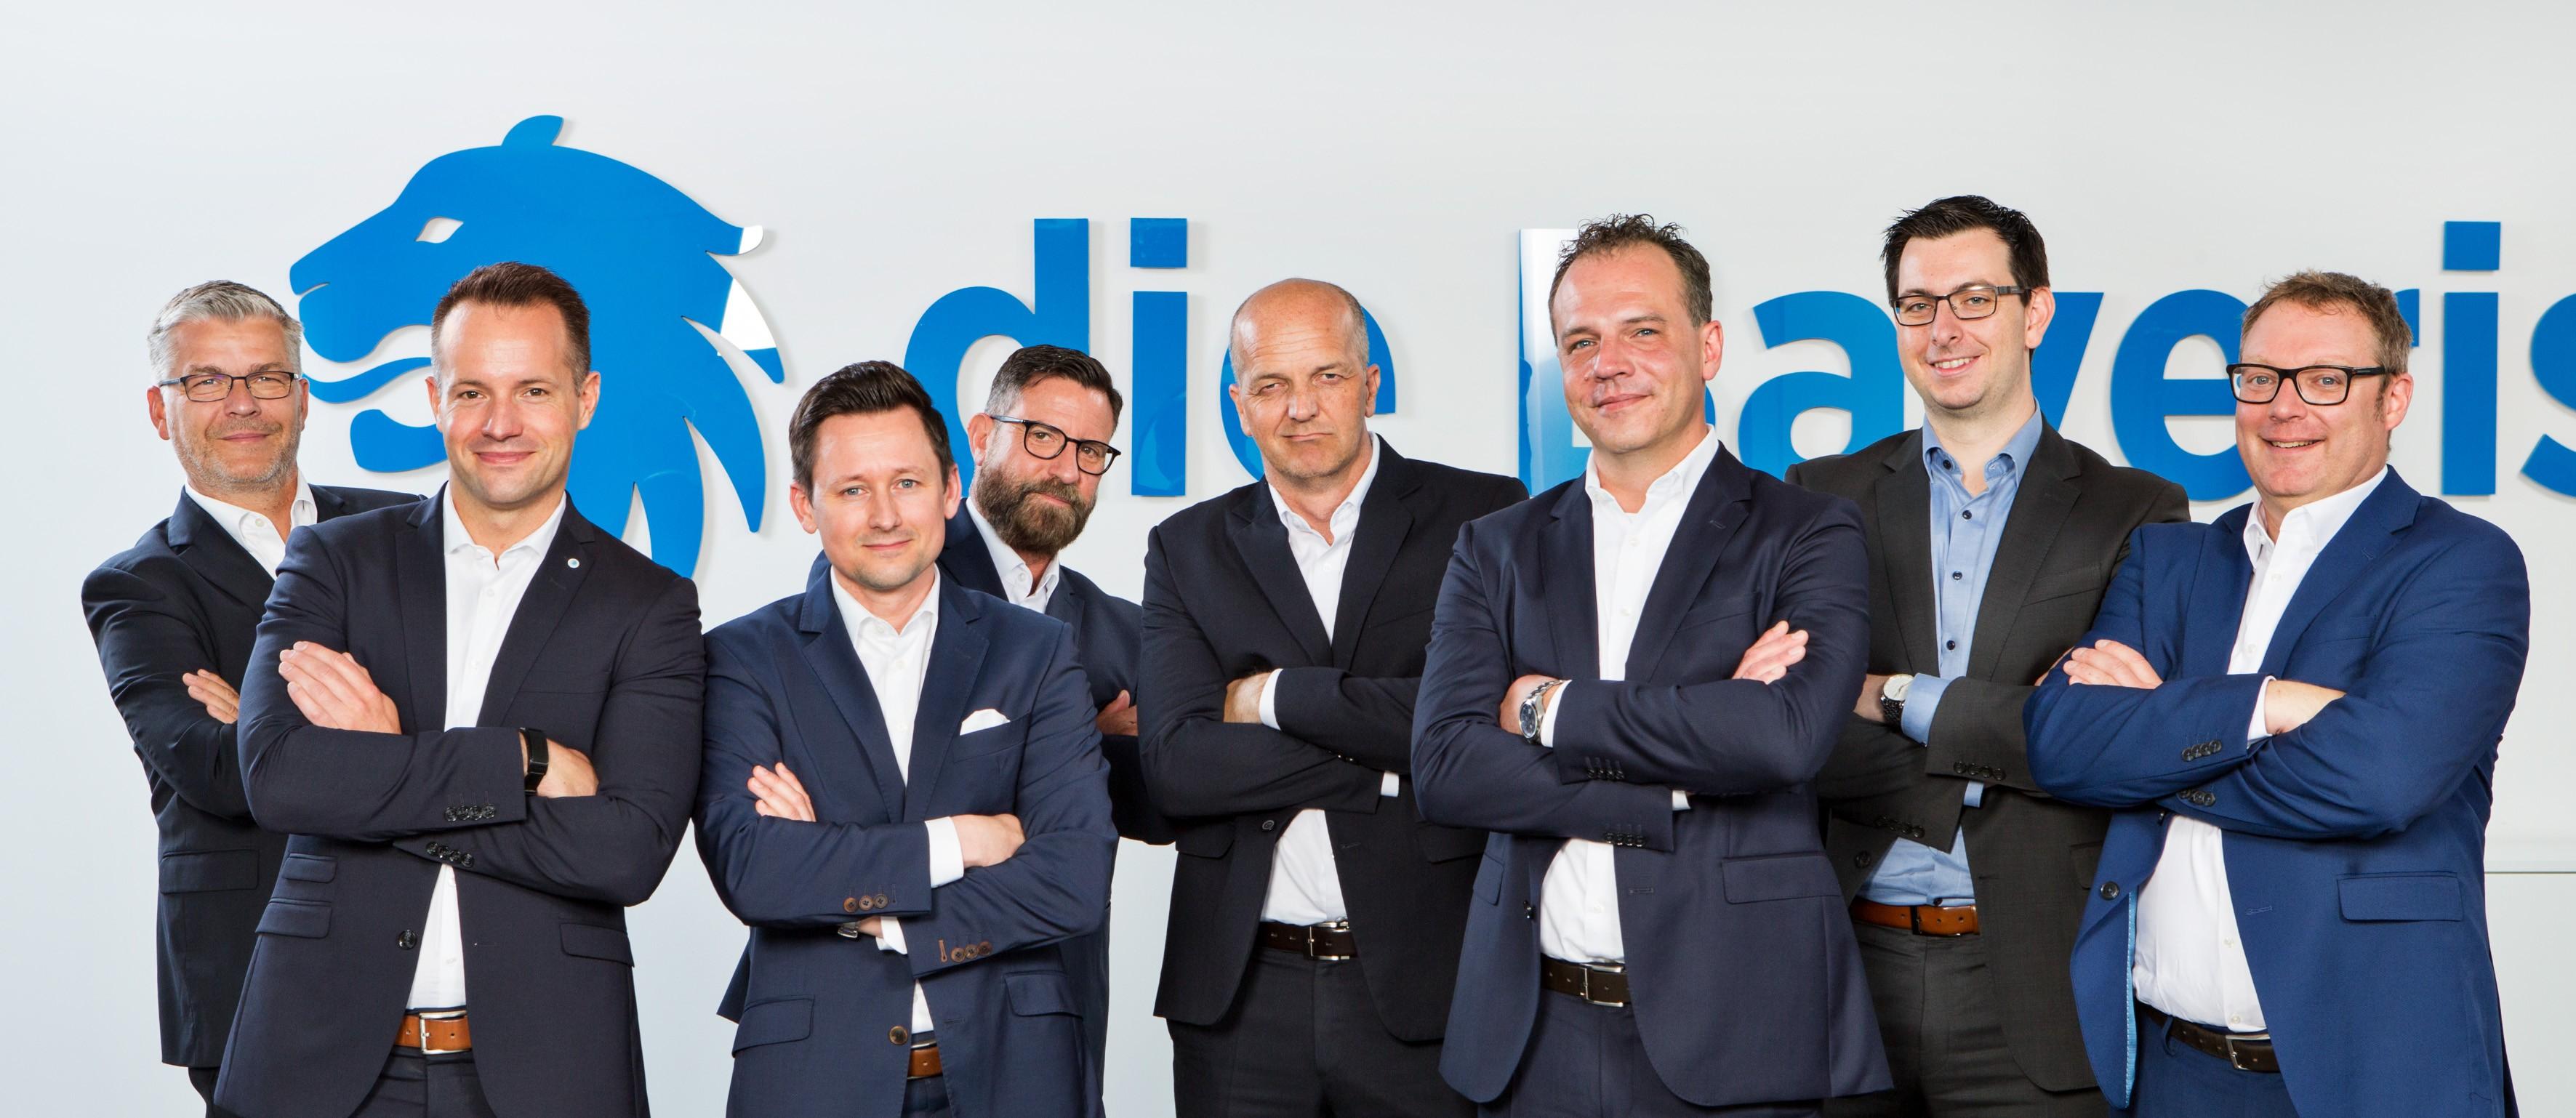 PKV Team: Partner- und Kooperationsvertrieb die Bayerische